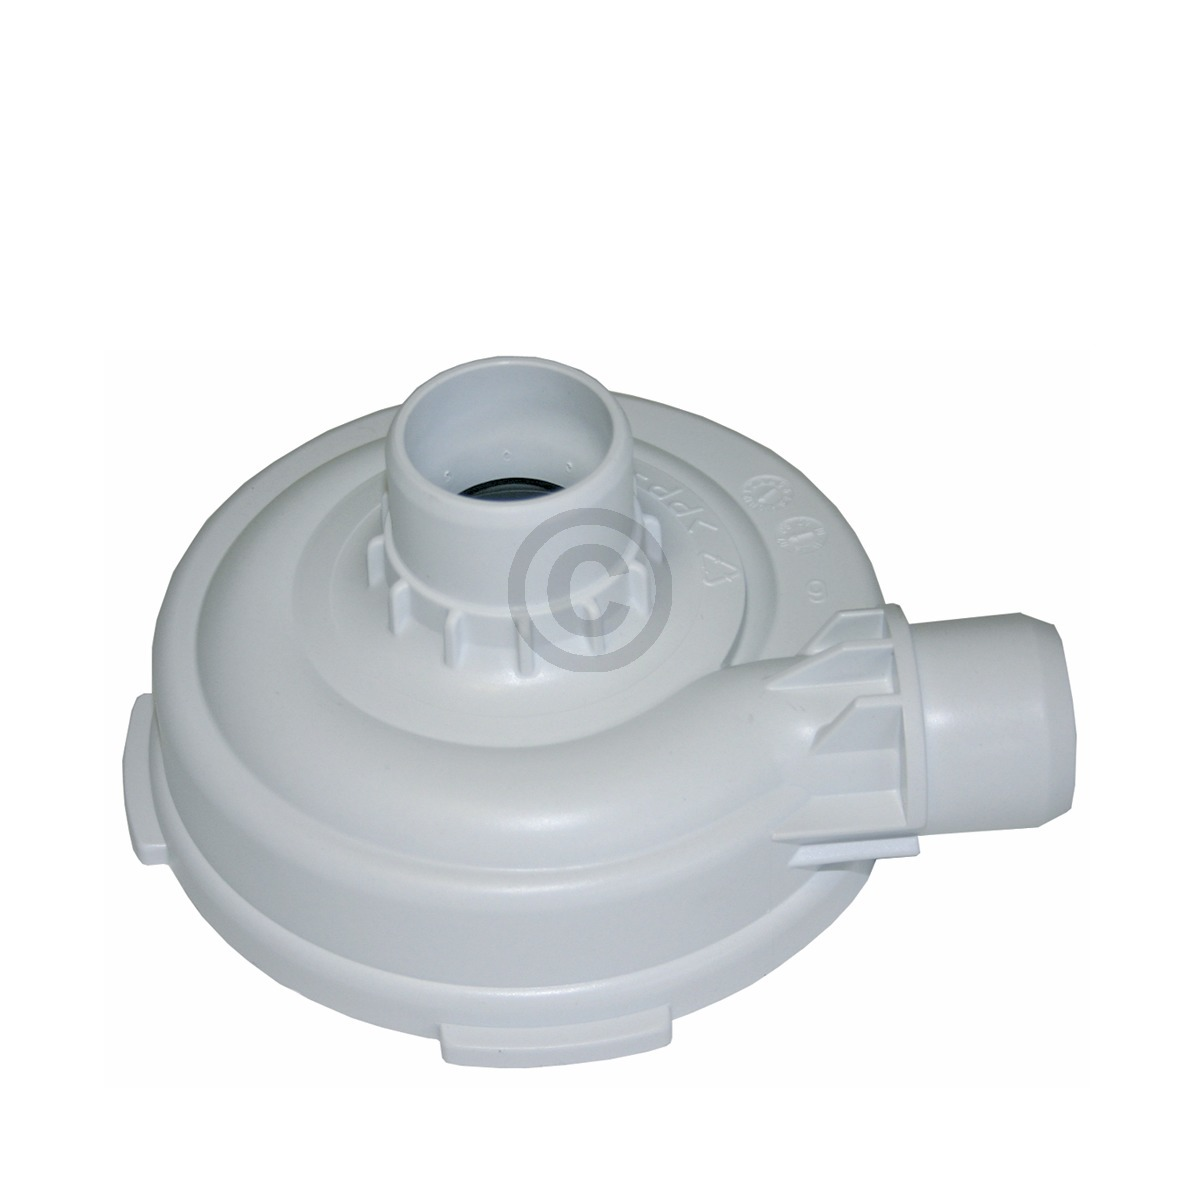 Pumpenkopf für Umwälzpumpe Bosch 00481562 Küppersbusch, Bosch, Siemens, Neff